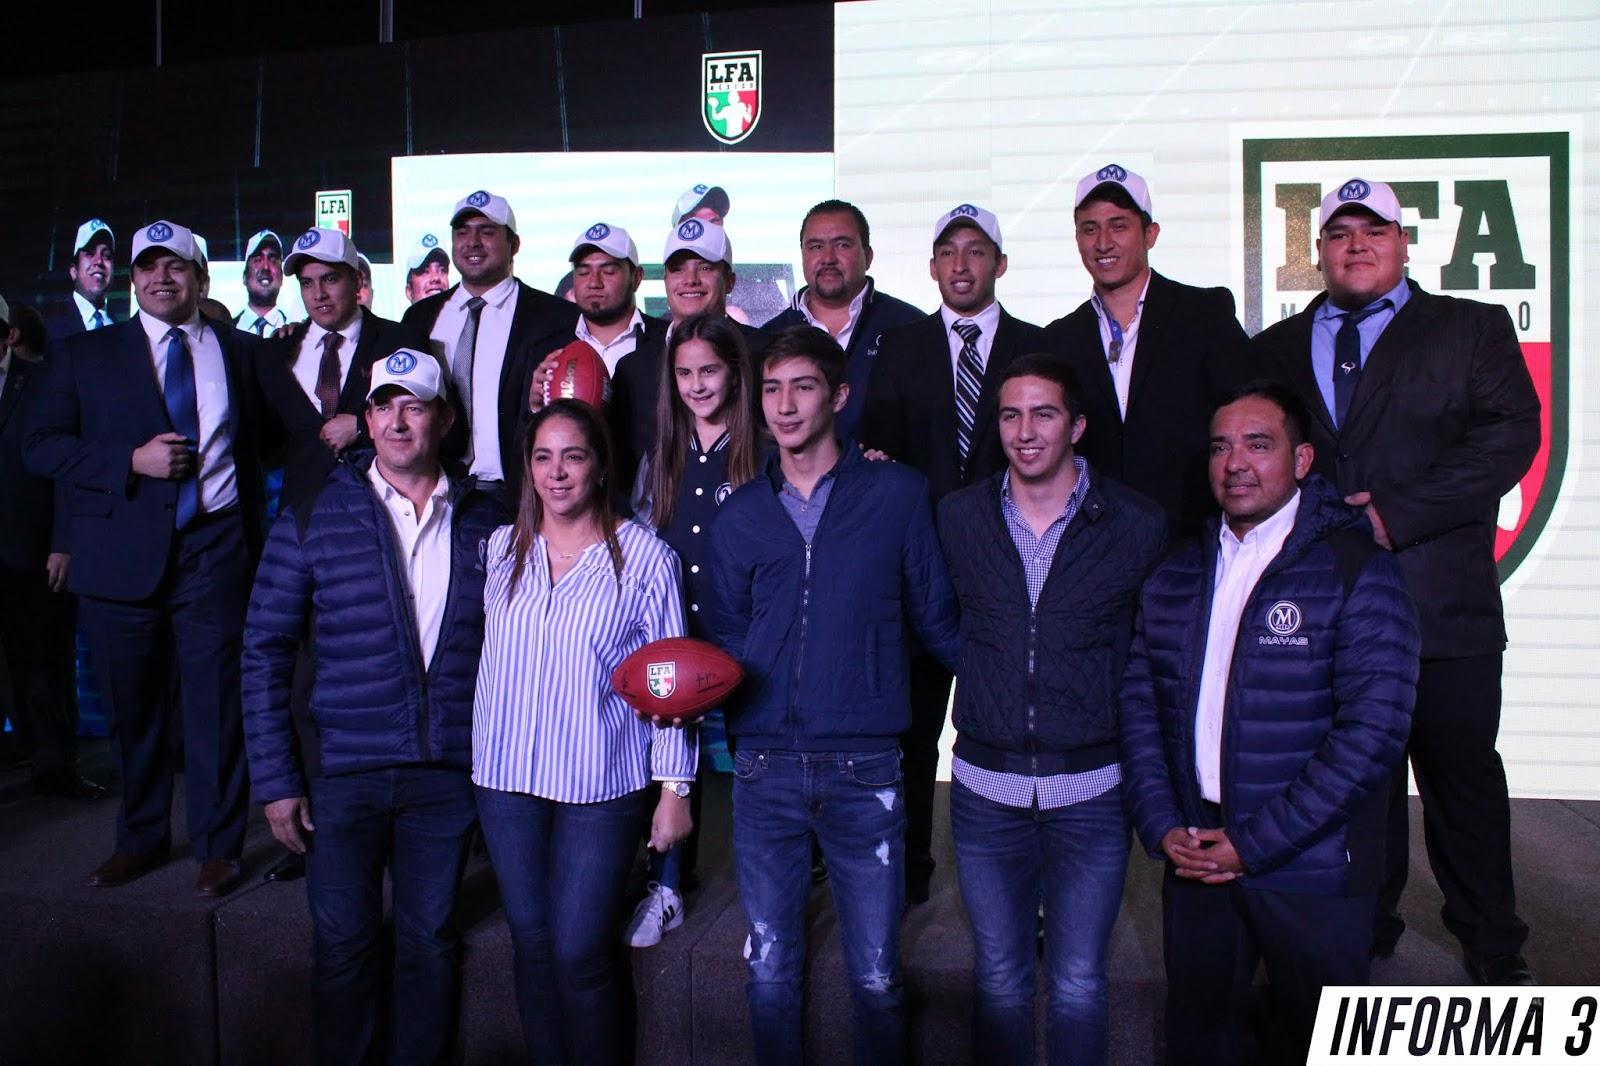 Jugadores seleccionados por Mayas, Draft LFA 2019